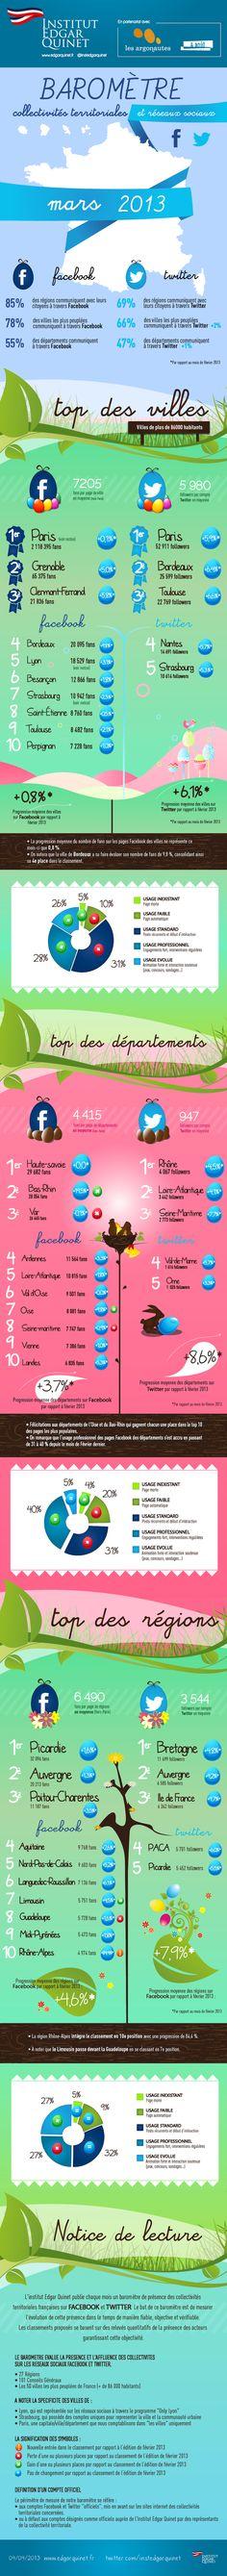 #Infographie : Baromètre des collectivités territoriales et villes sur #Facebook et #Twitter en mars 2013